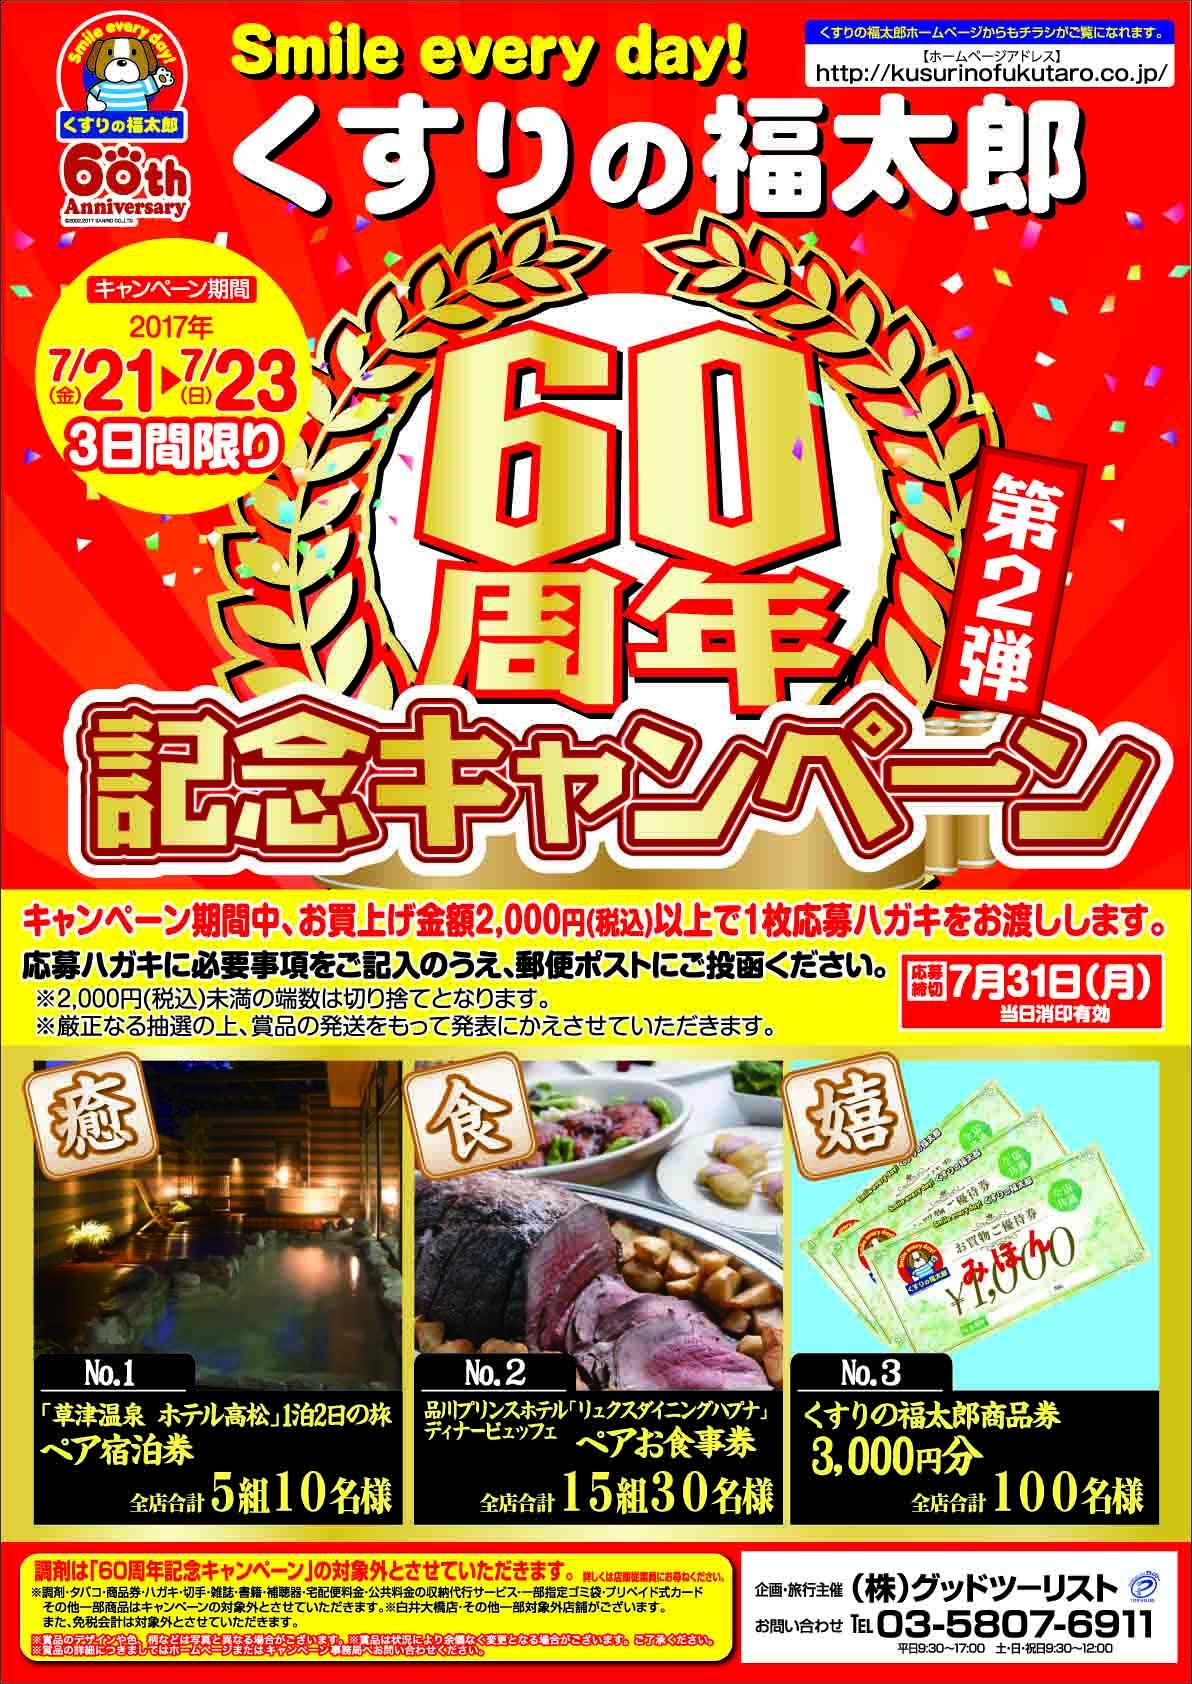 【株式会社くすりの福太郎様】60周年記念キャンペーン 第2弾 実施中